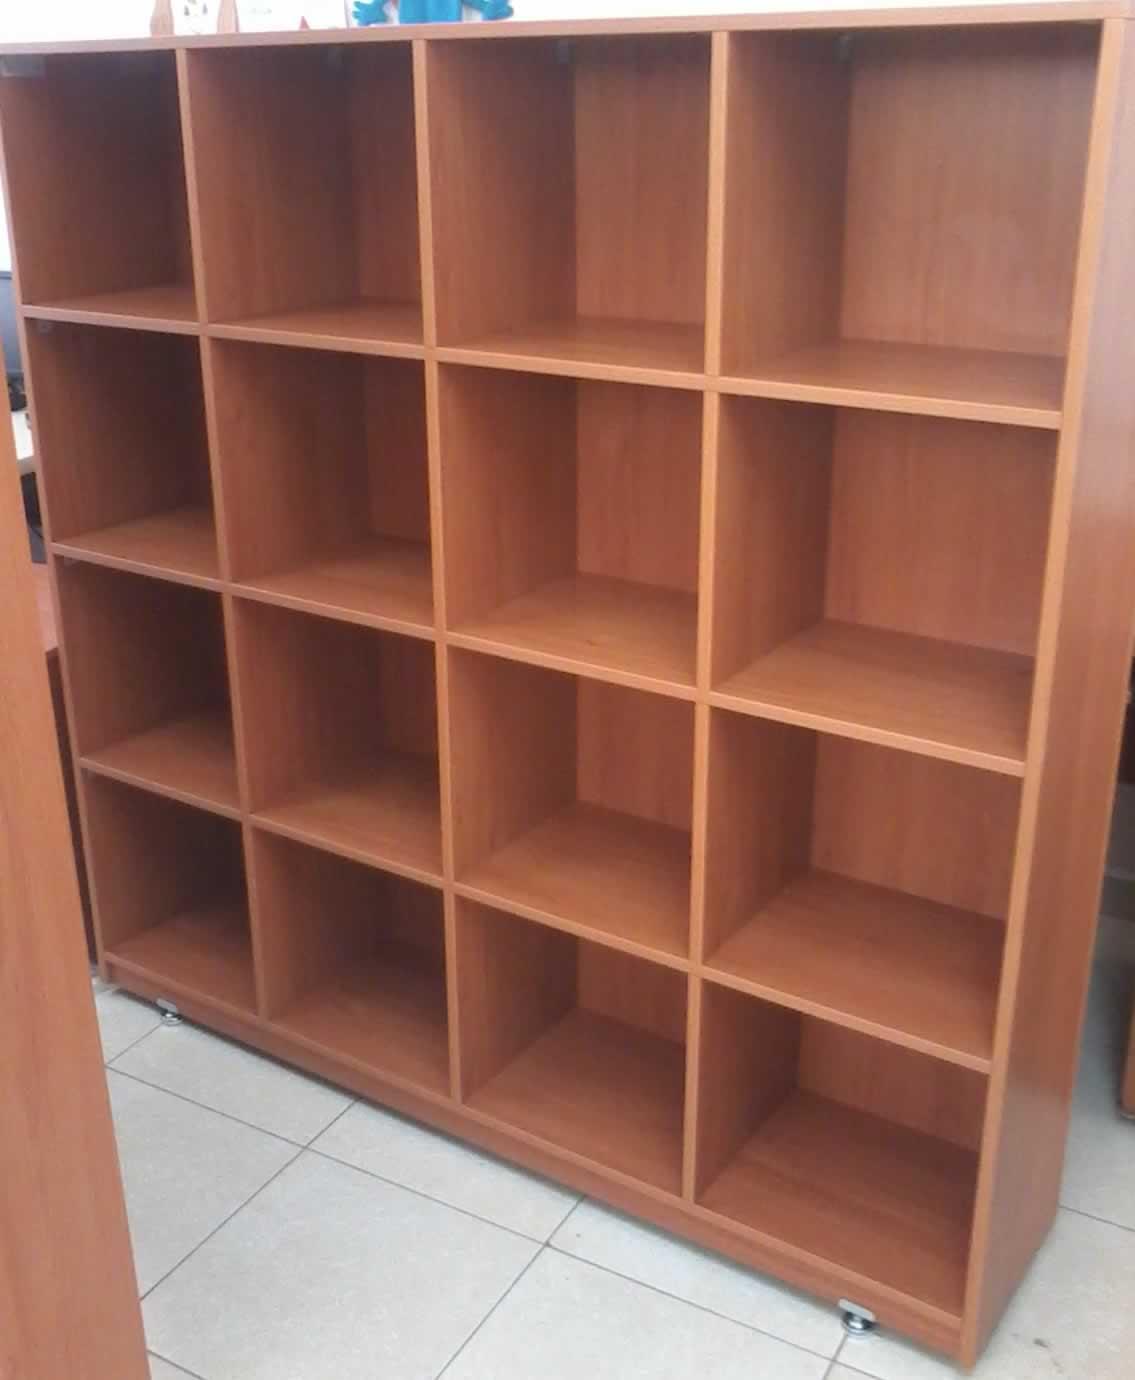 Muebles Y Metalicos # Muebles Libreros